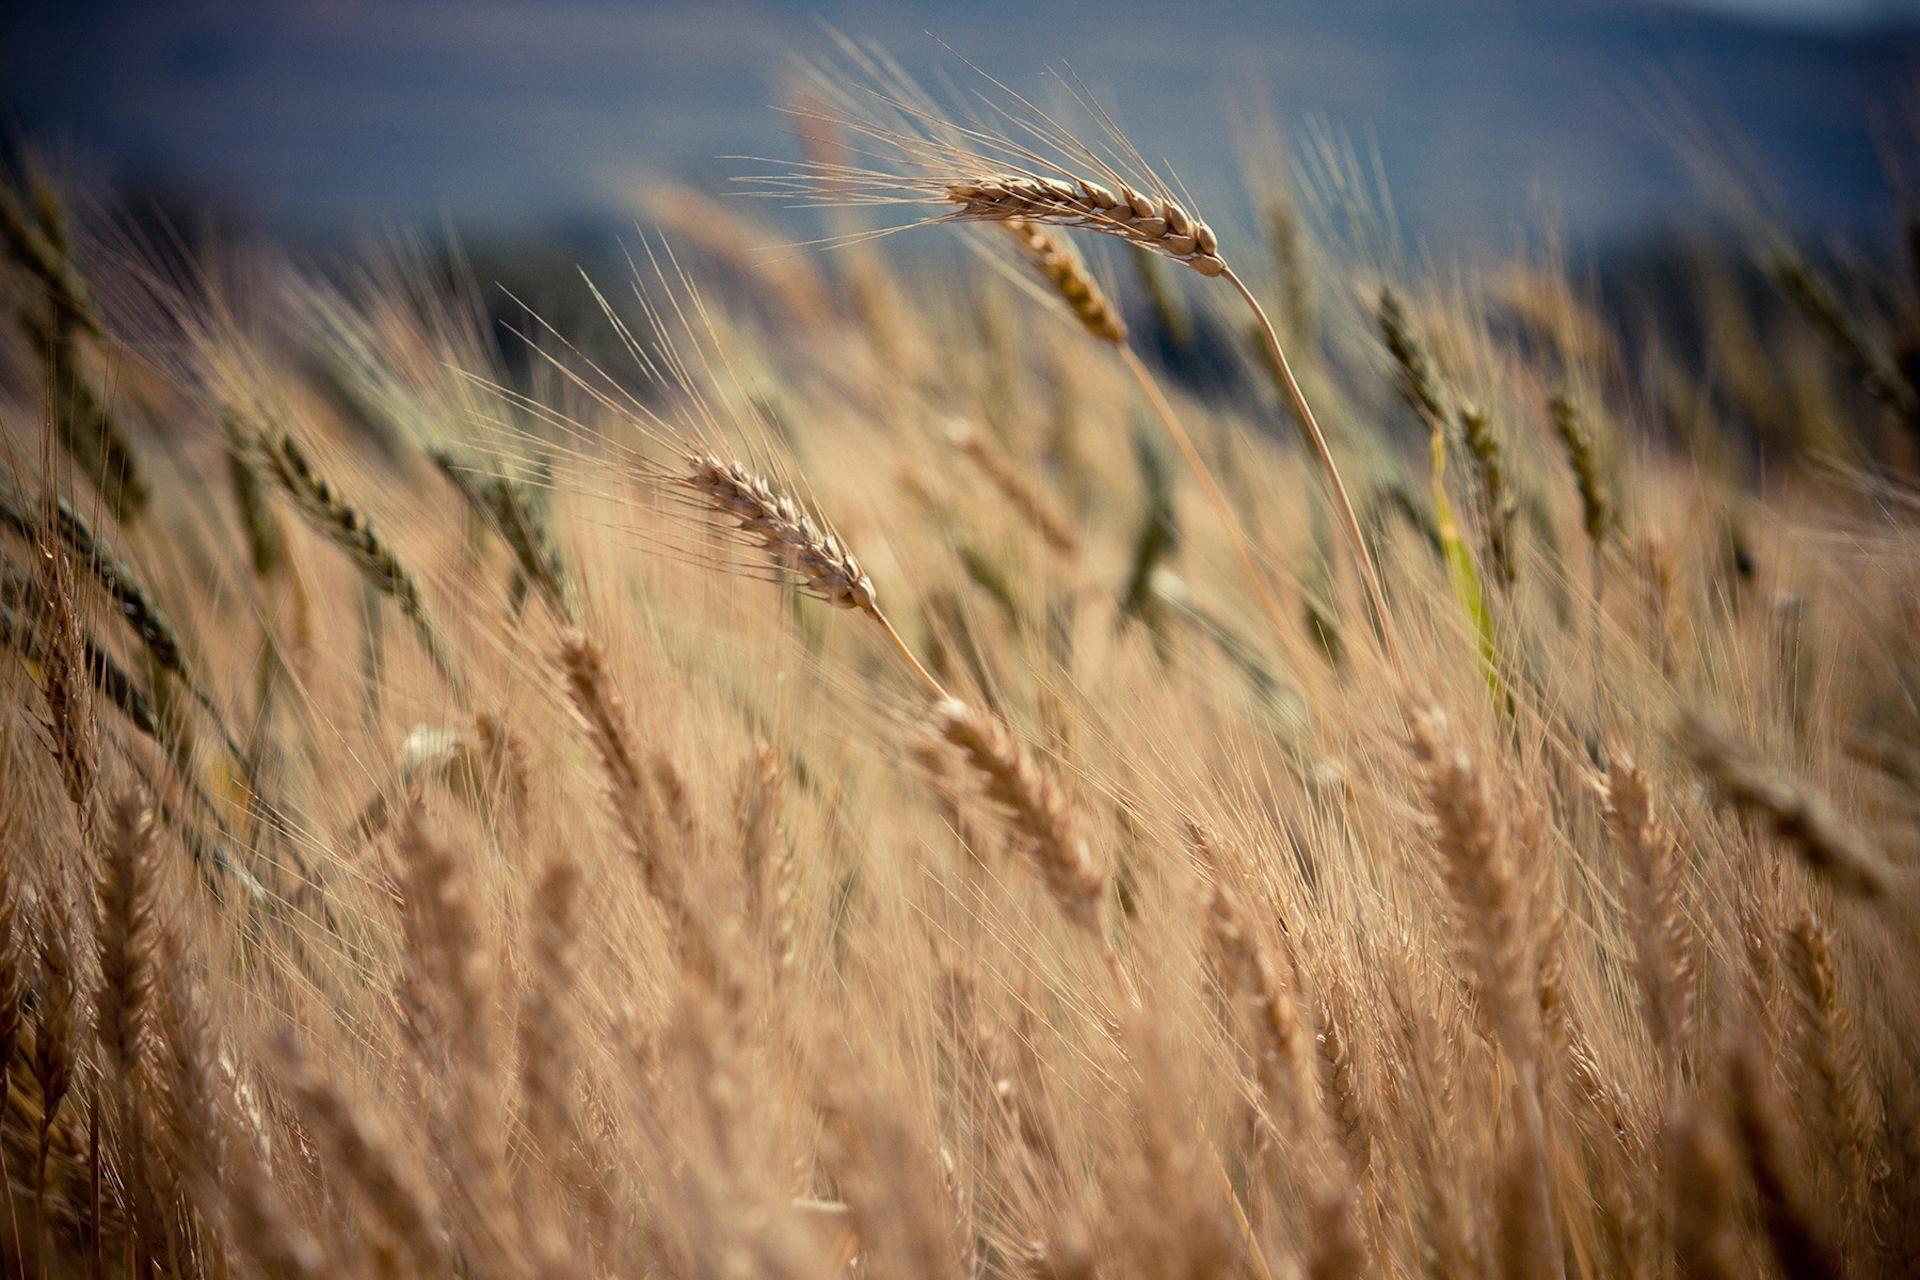 小麦, 字段, · 帕德隆, 风, 倾斜 - 高清壁纸 - 教授-falken.com